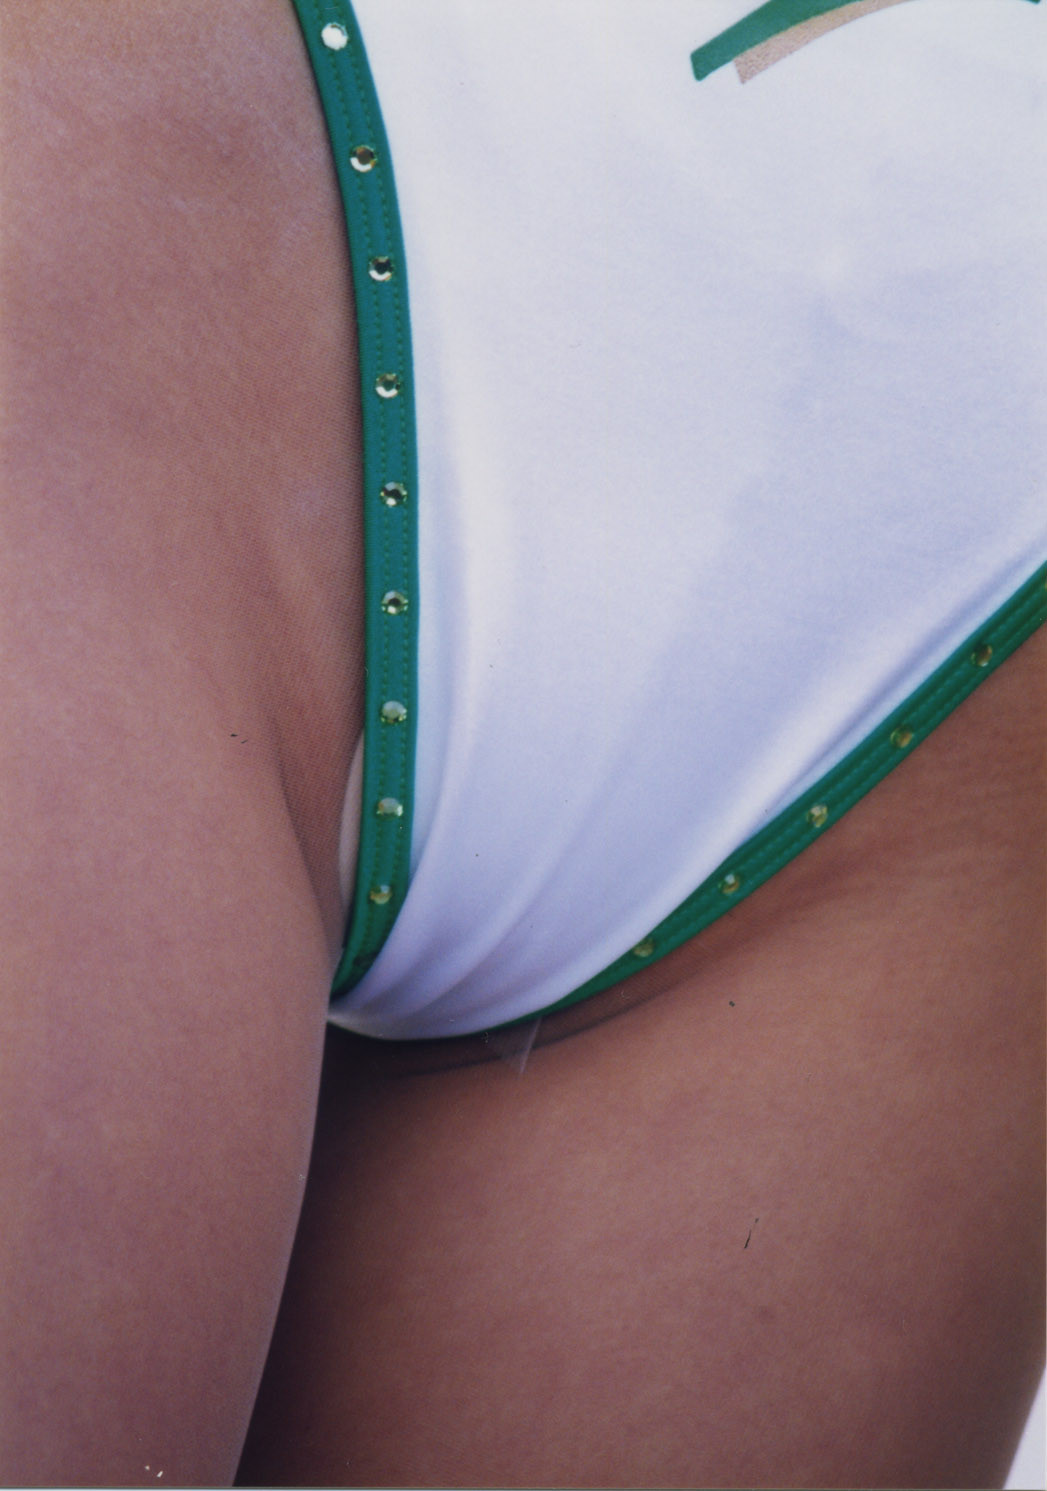 【RQエロ画像】見つかっちゃたwハイレグから下品なハミ出しバレちゃったレオタードRQ(*´Д`)